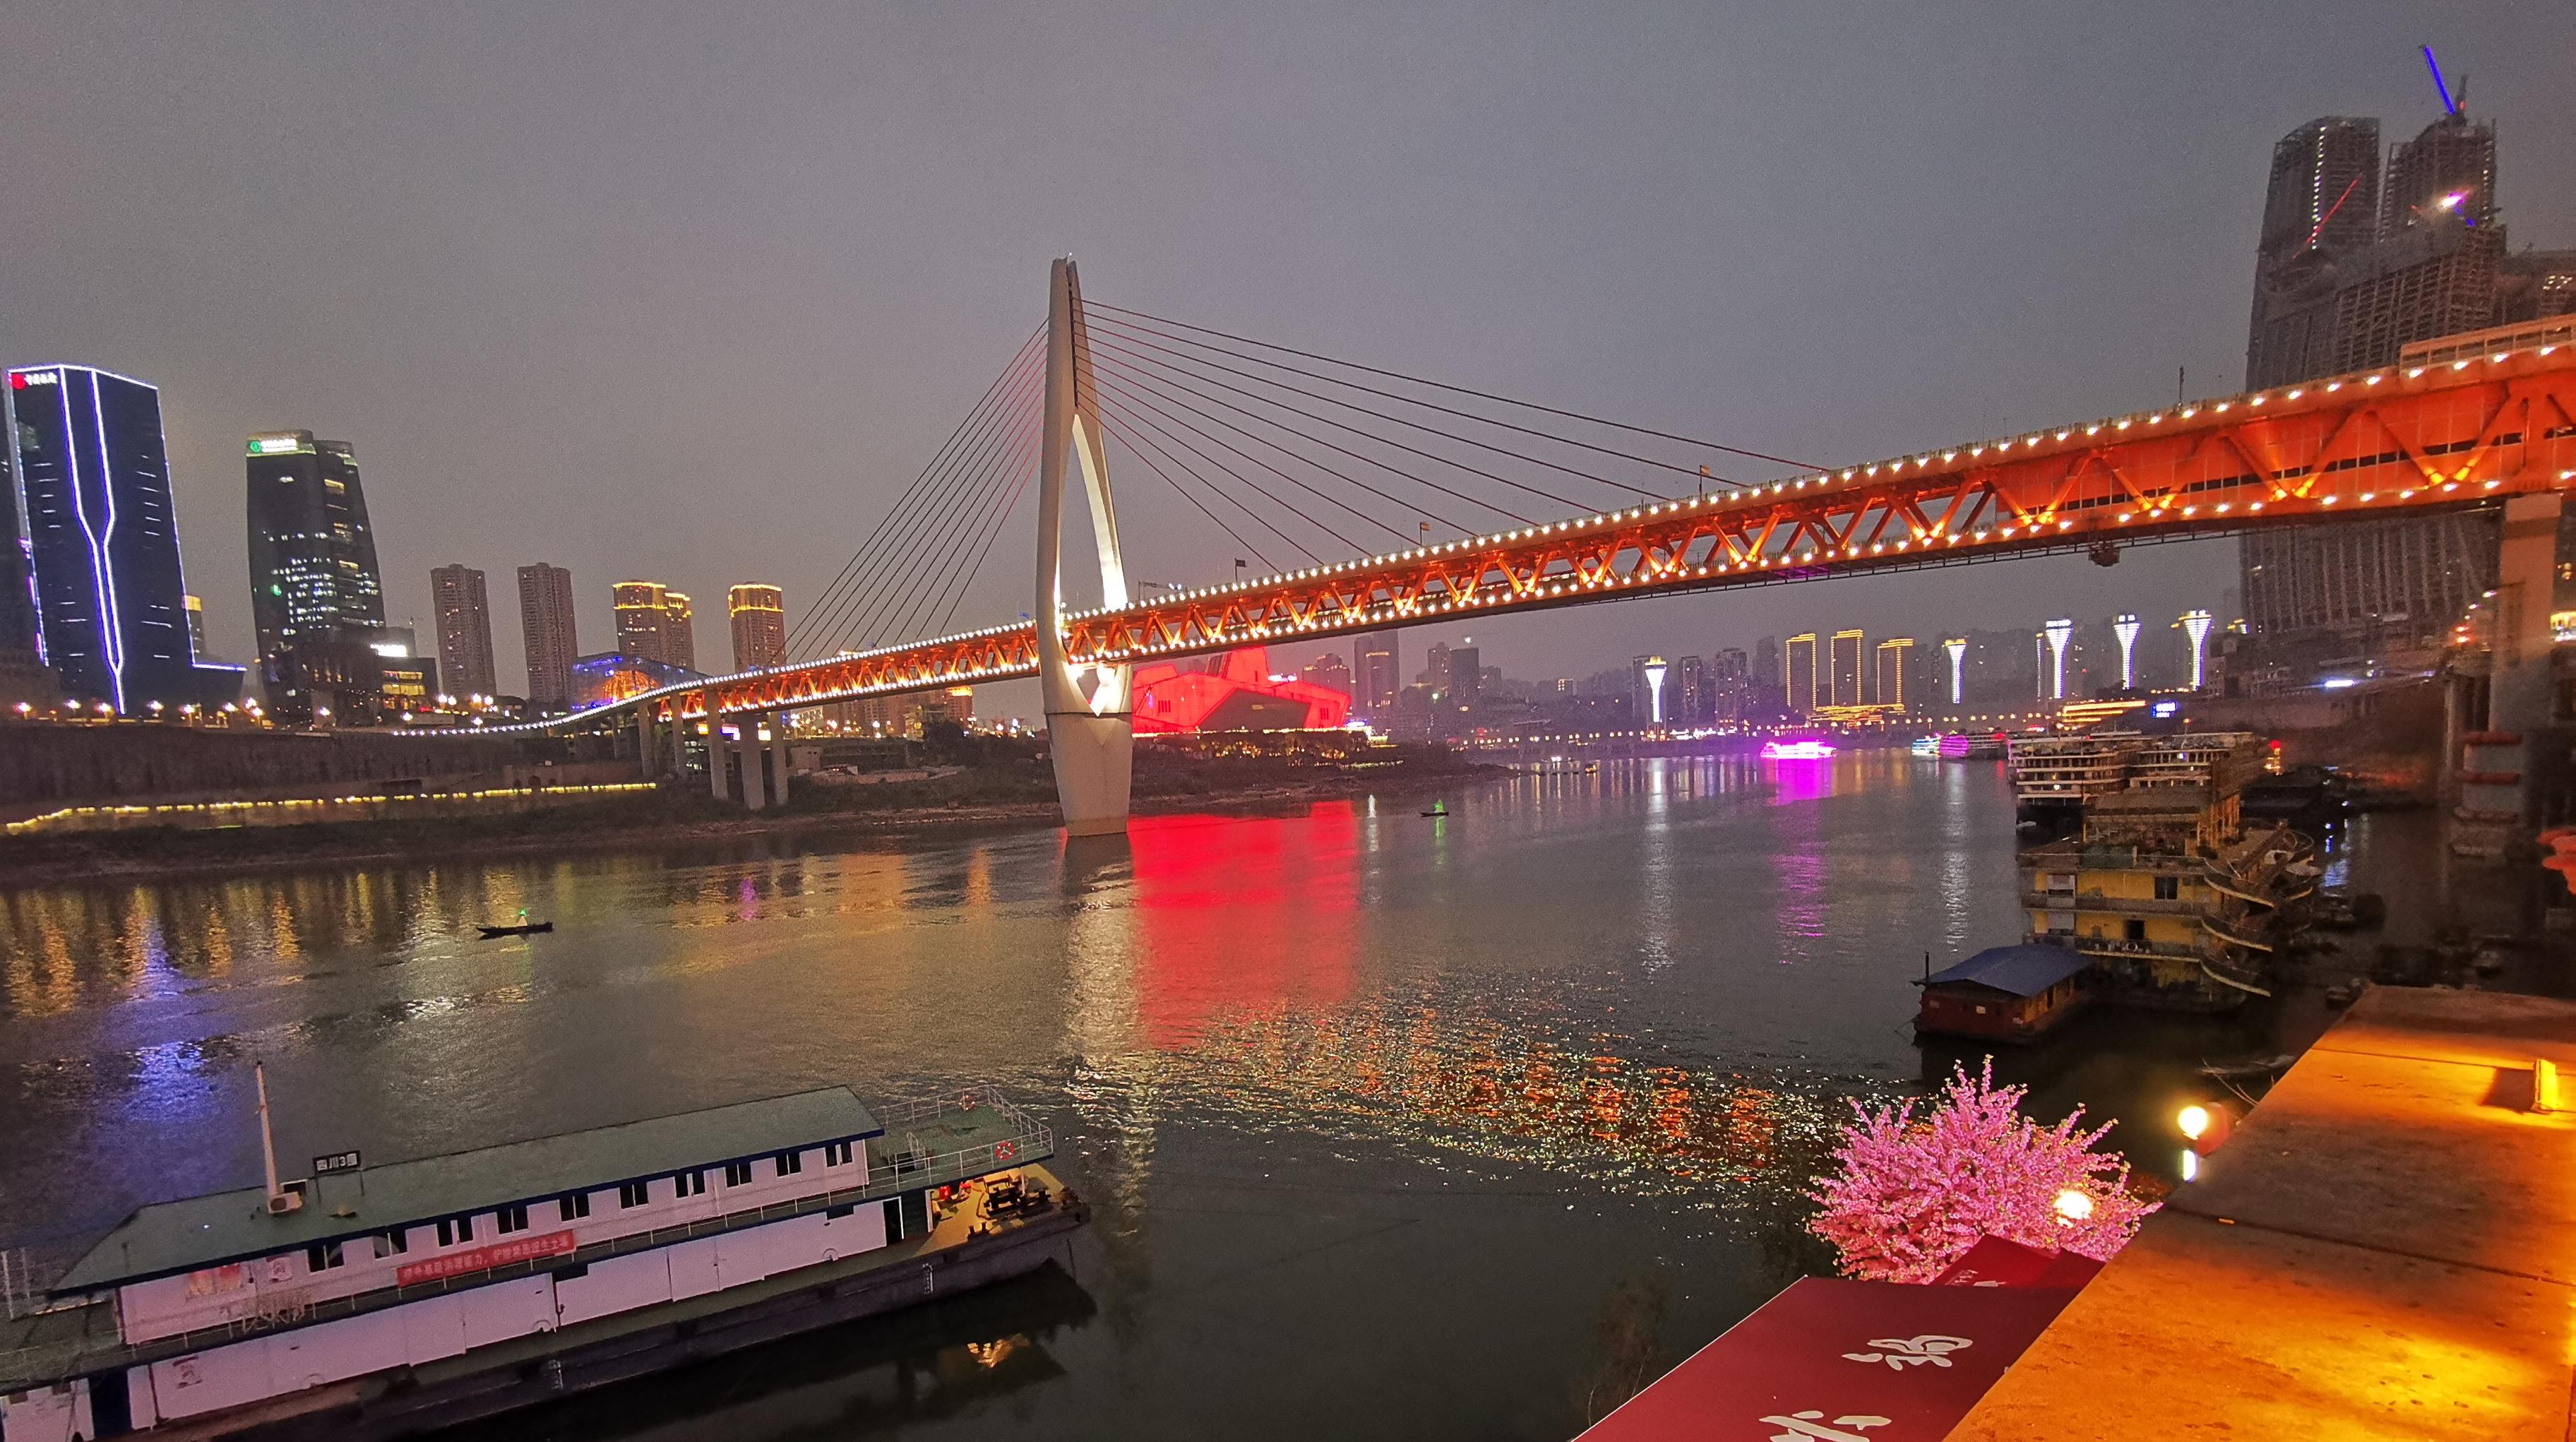 小姑娘第一次到重庆,光顾着拍夜景,点了火锅被红油吓到了